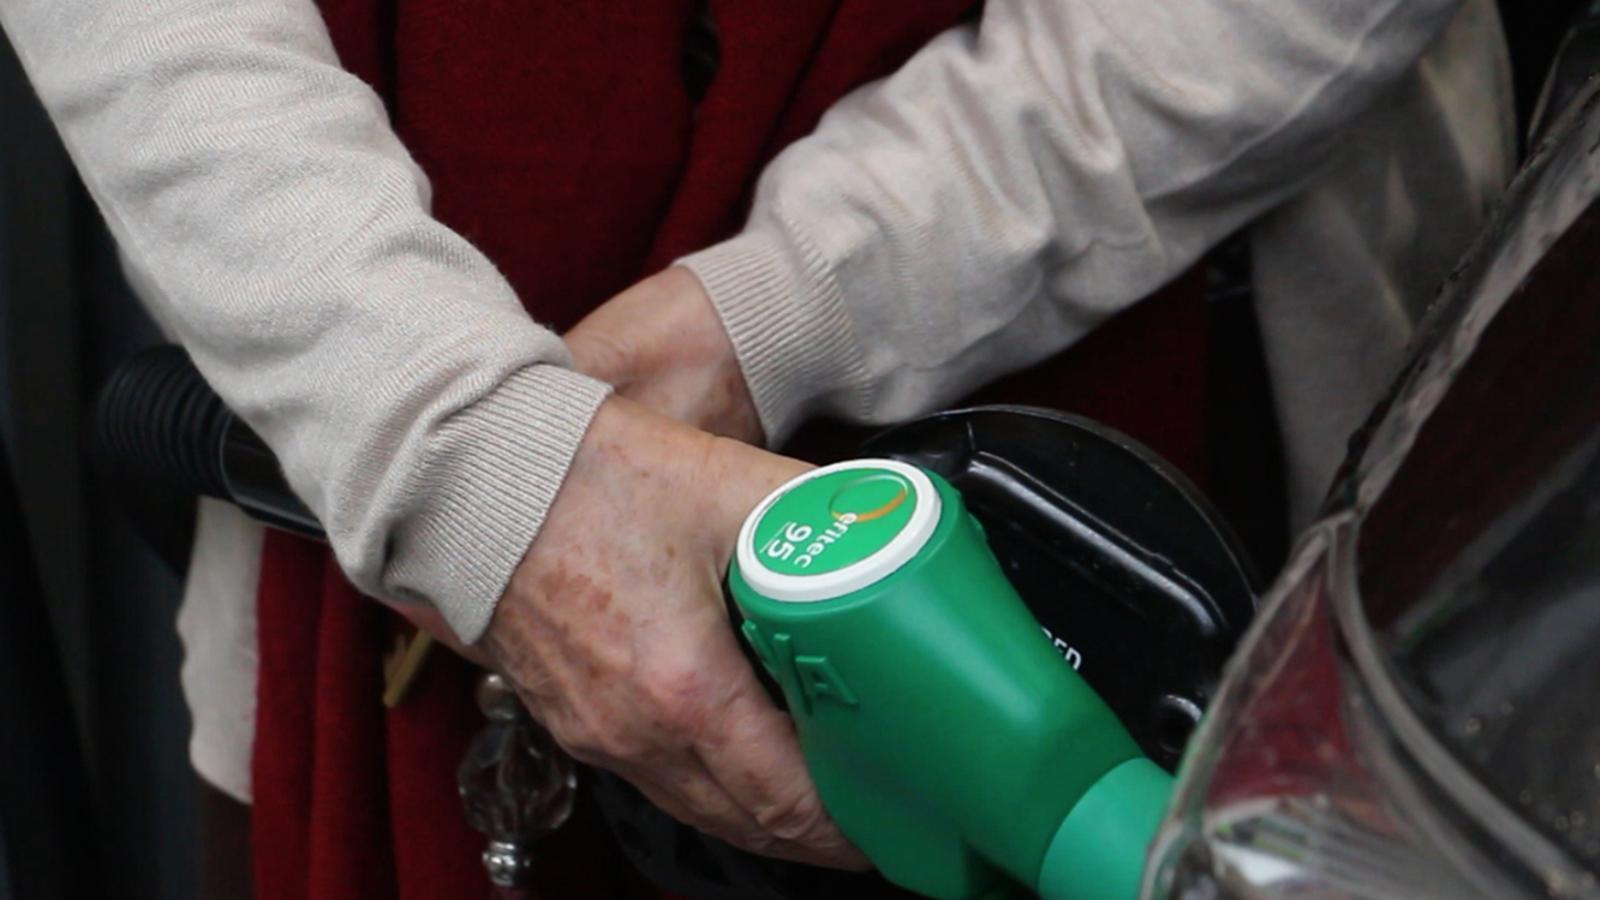 El preu dels carburants continuen creixent. / ARXIU ANA